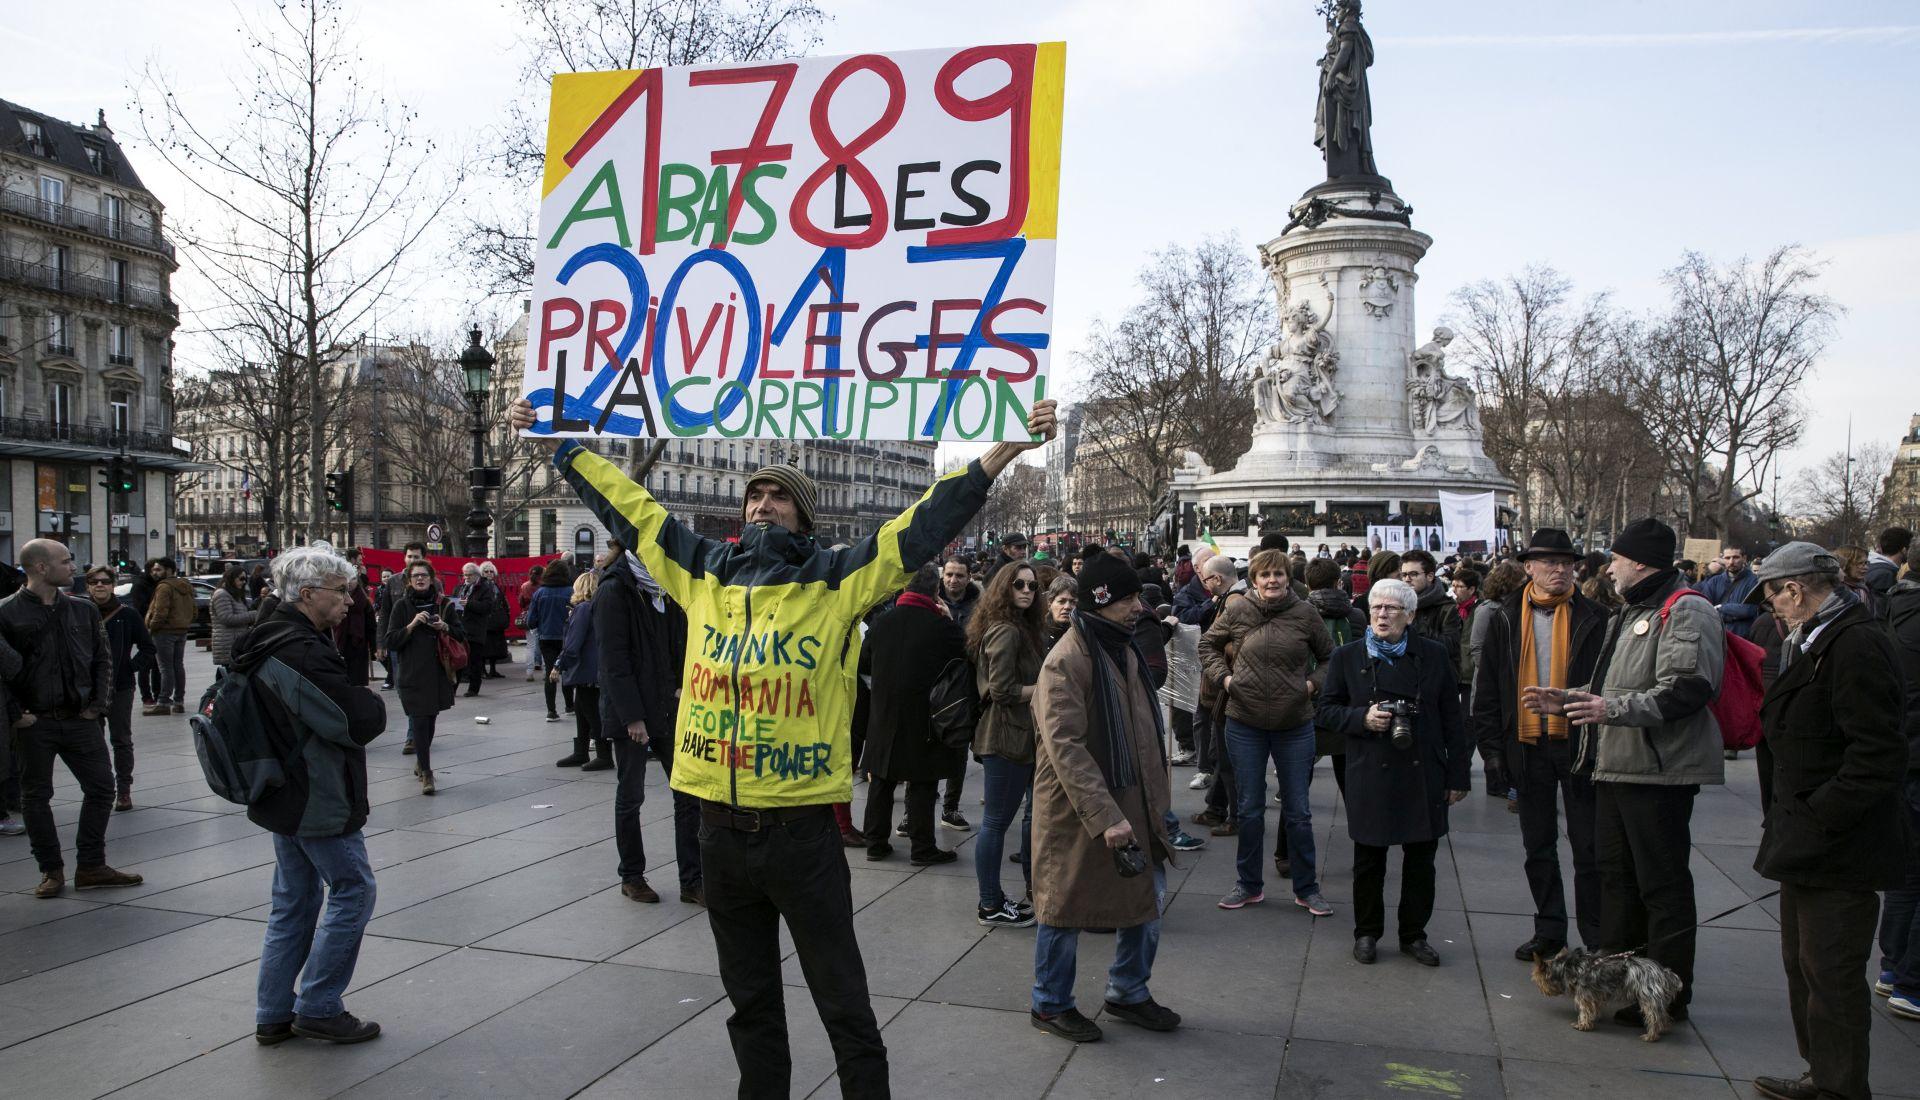 Skandali nisu rijetkost na europskoj političkoj sceni